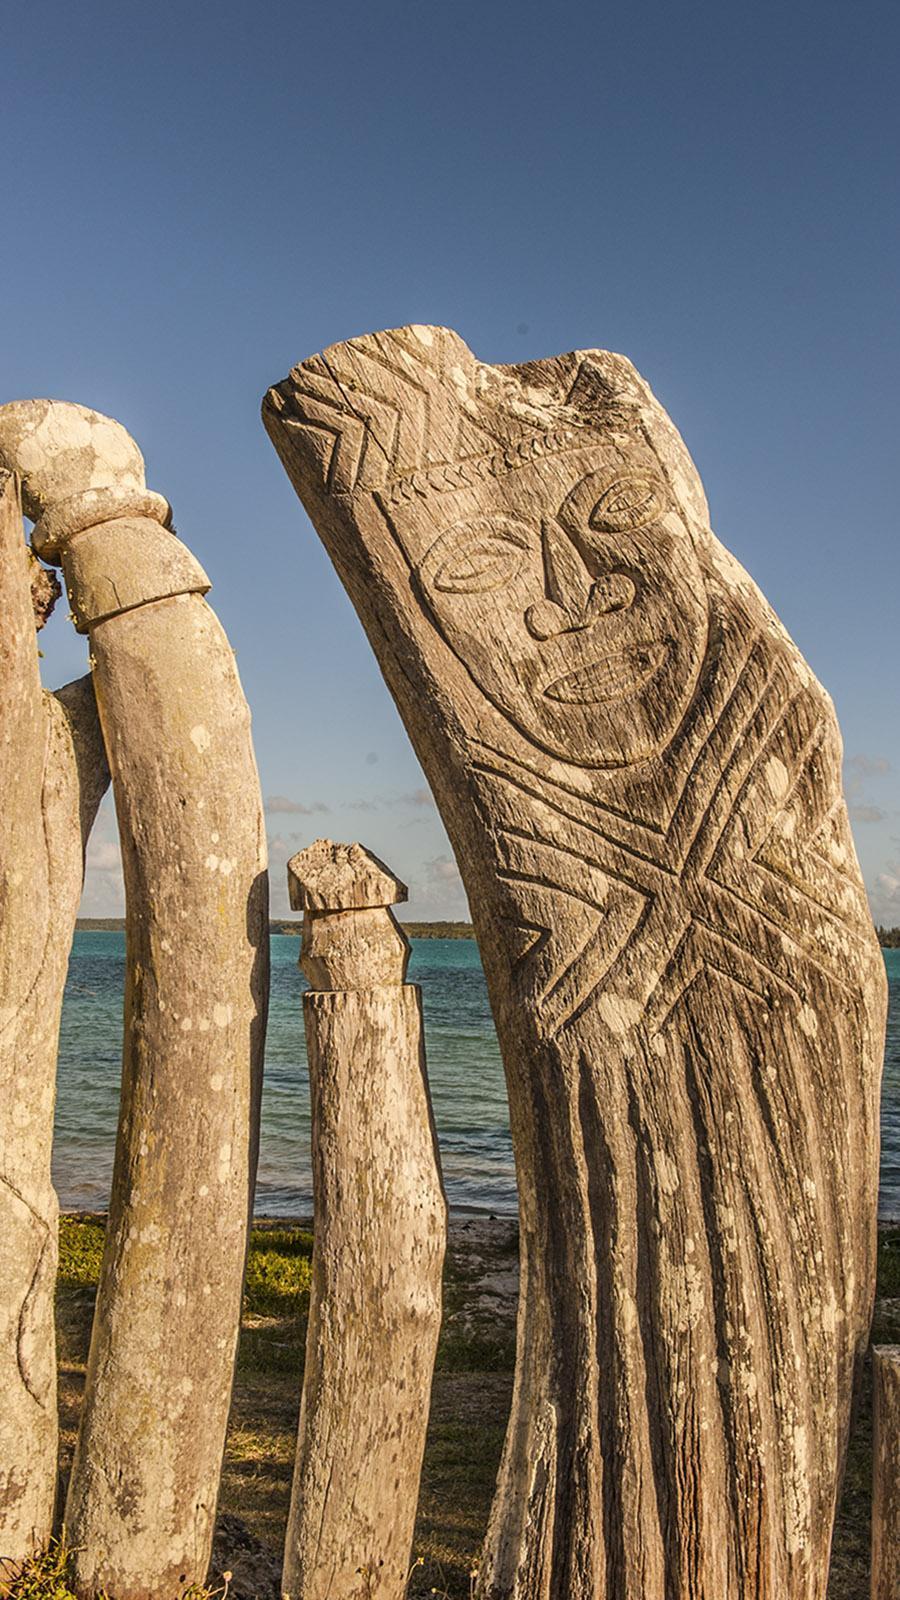 Île des Pins: Kanakische Wächterfiguren beschützen einen christlichen Heiligen: Bis vor wenigen Jahren war der Katholizismus Pflichtreligion für Kanaken - das hatte ihr Grand Chef festgelegt. Foto: Hilke Maunder